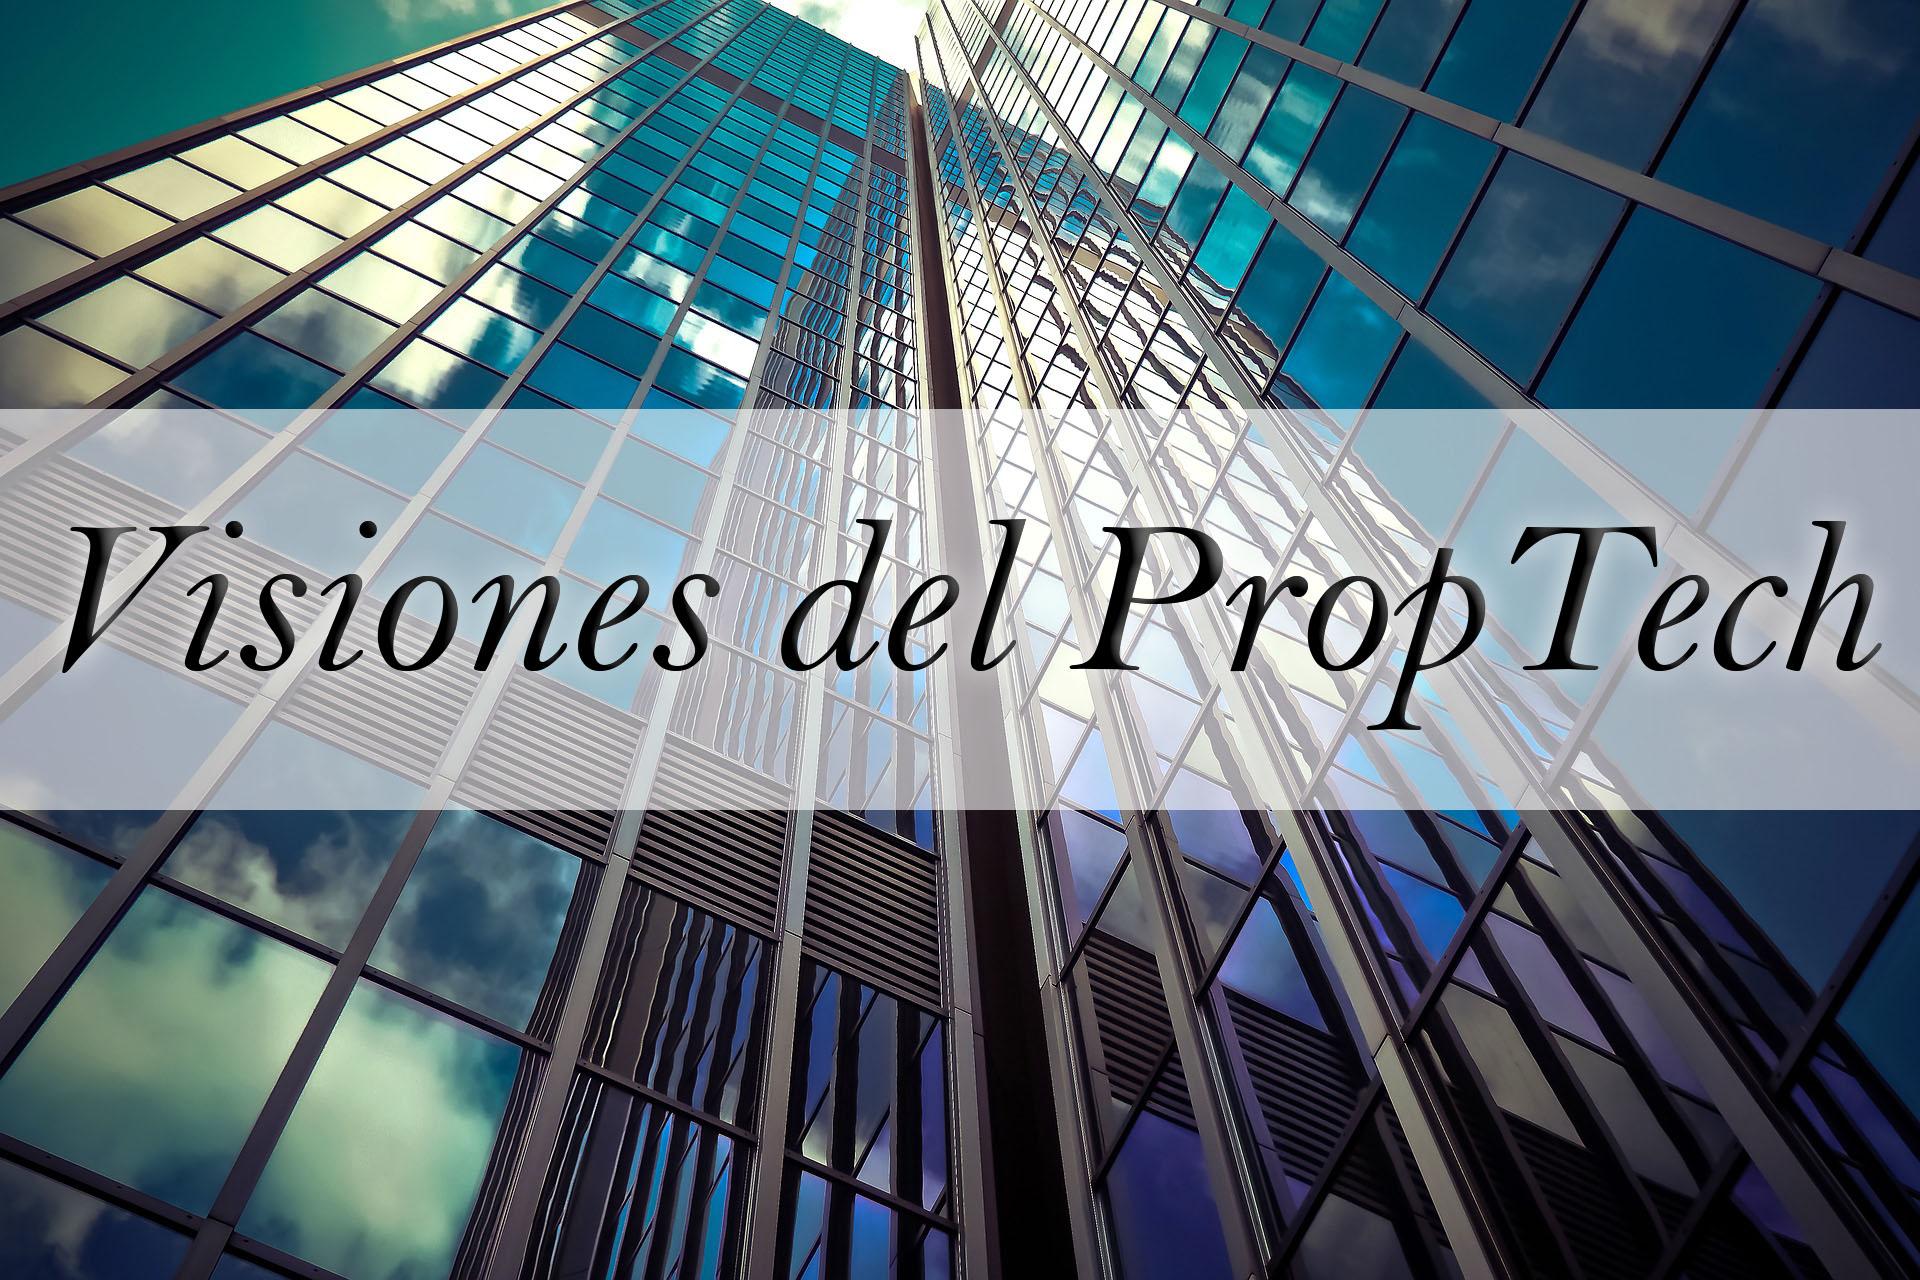 Visiones del Proptech